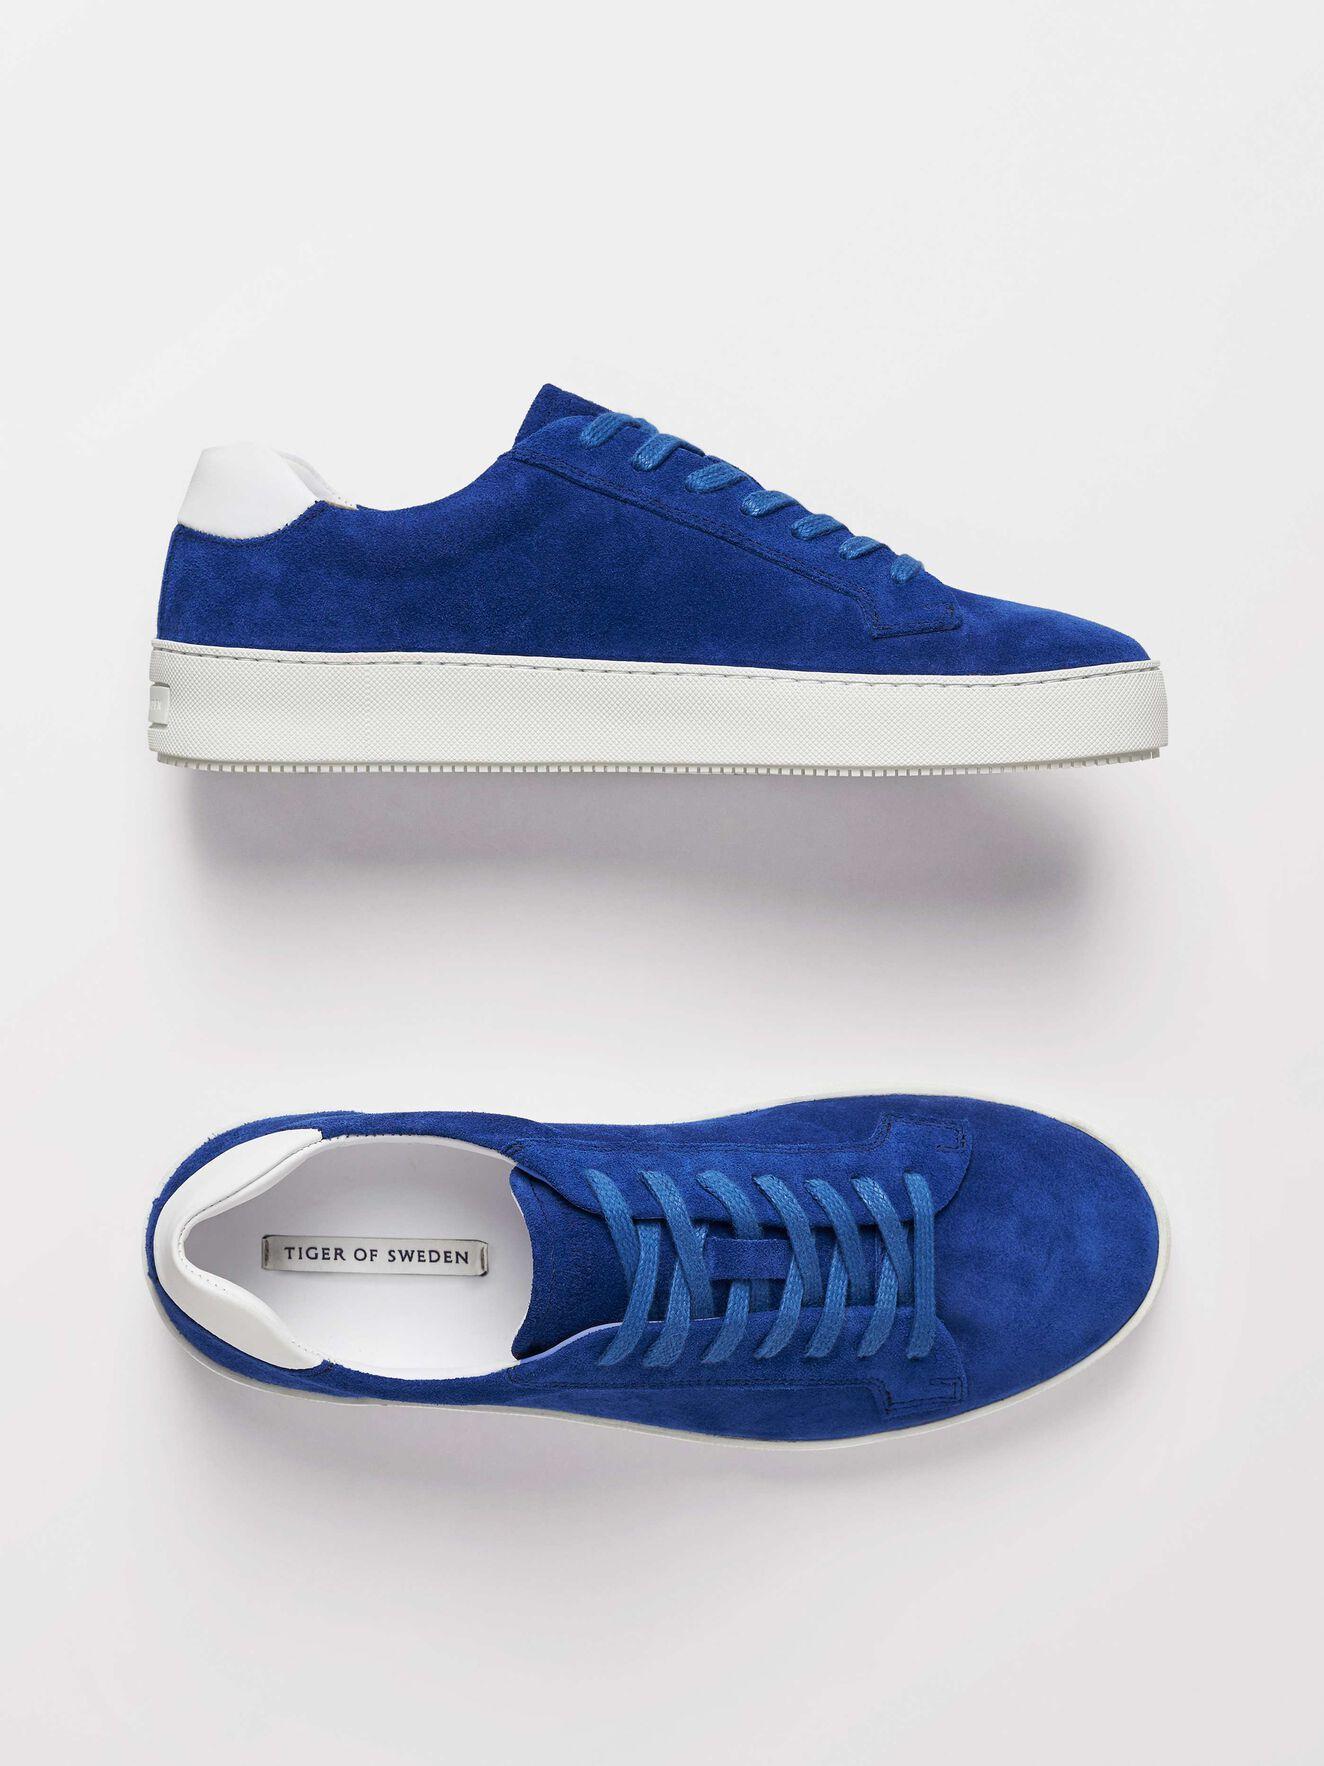 Salasi Sneakers in Deep Ocean Blue from Tiger of Sweden